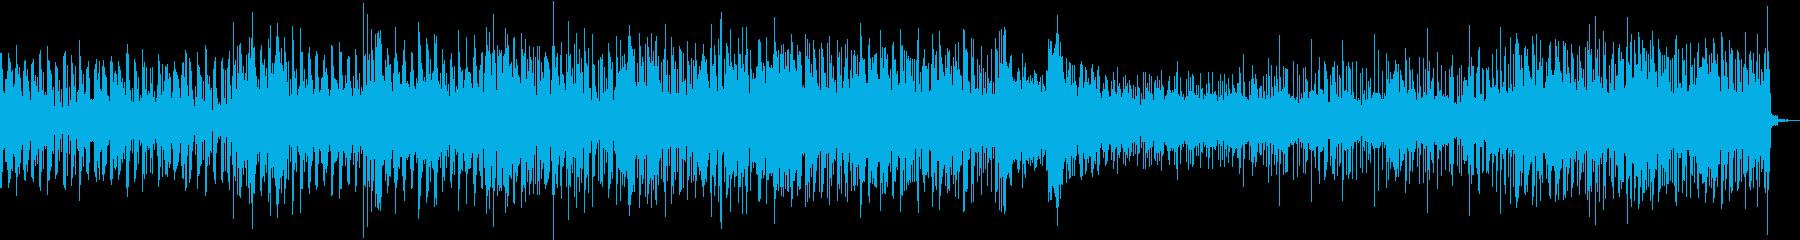 クールなテクノ風リズムトラックの再生済みの波形